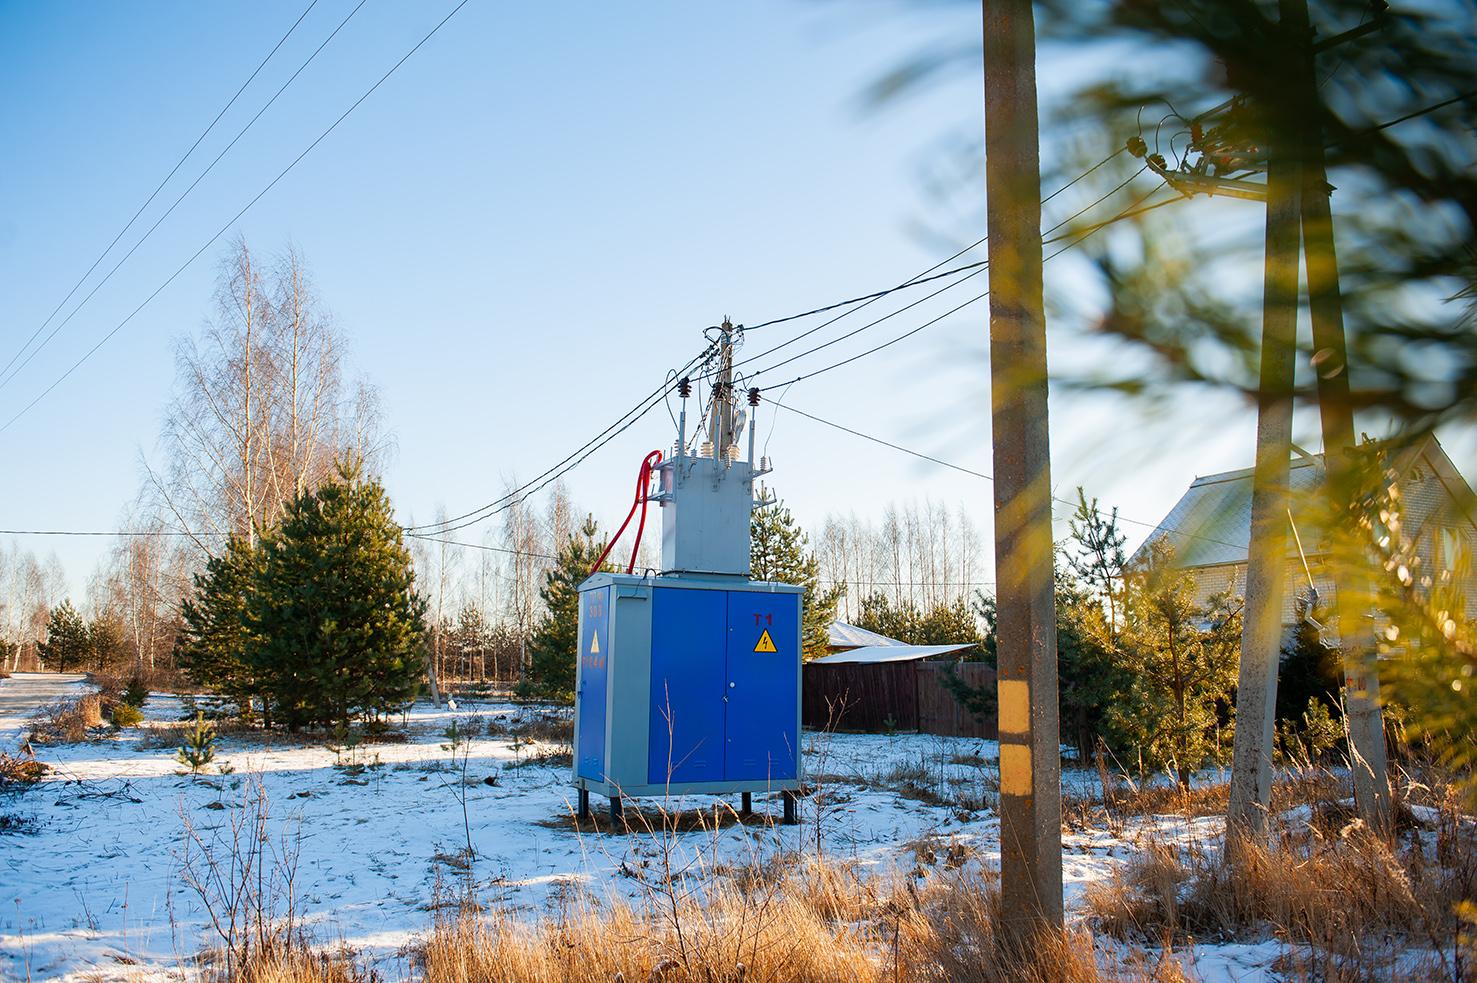 Ярэнерго повышает качество и надежность электроснабжения потребителей